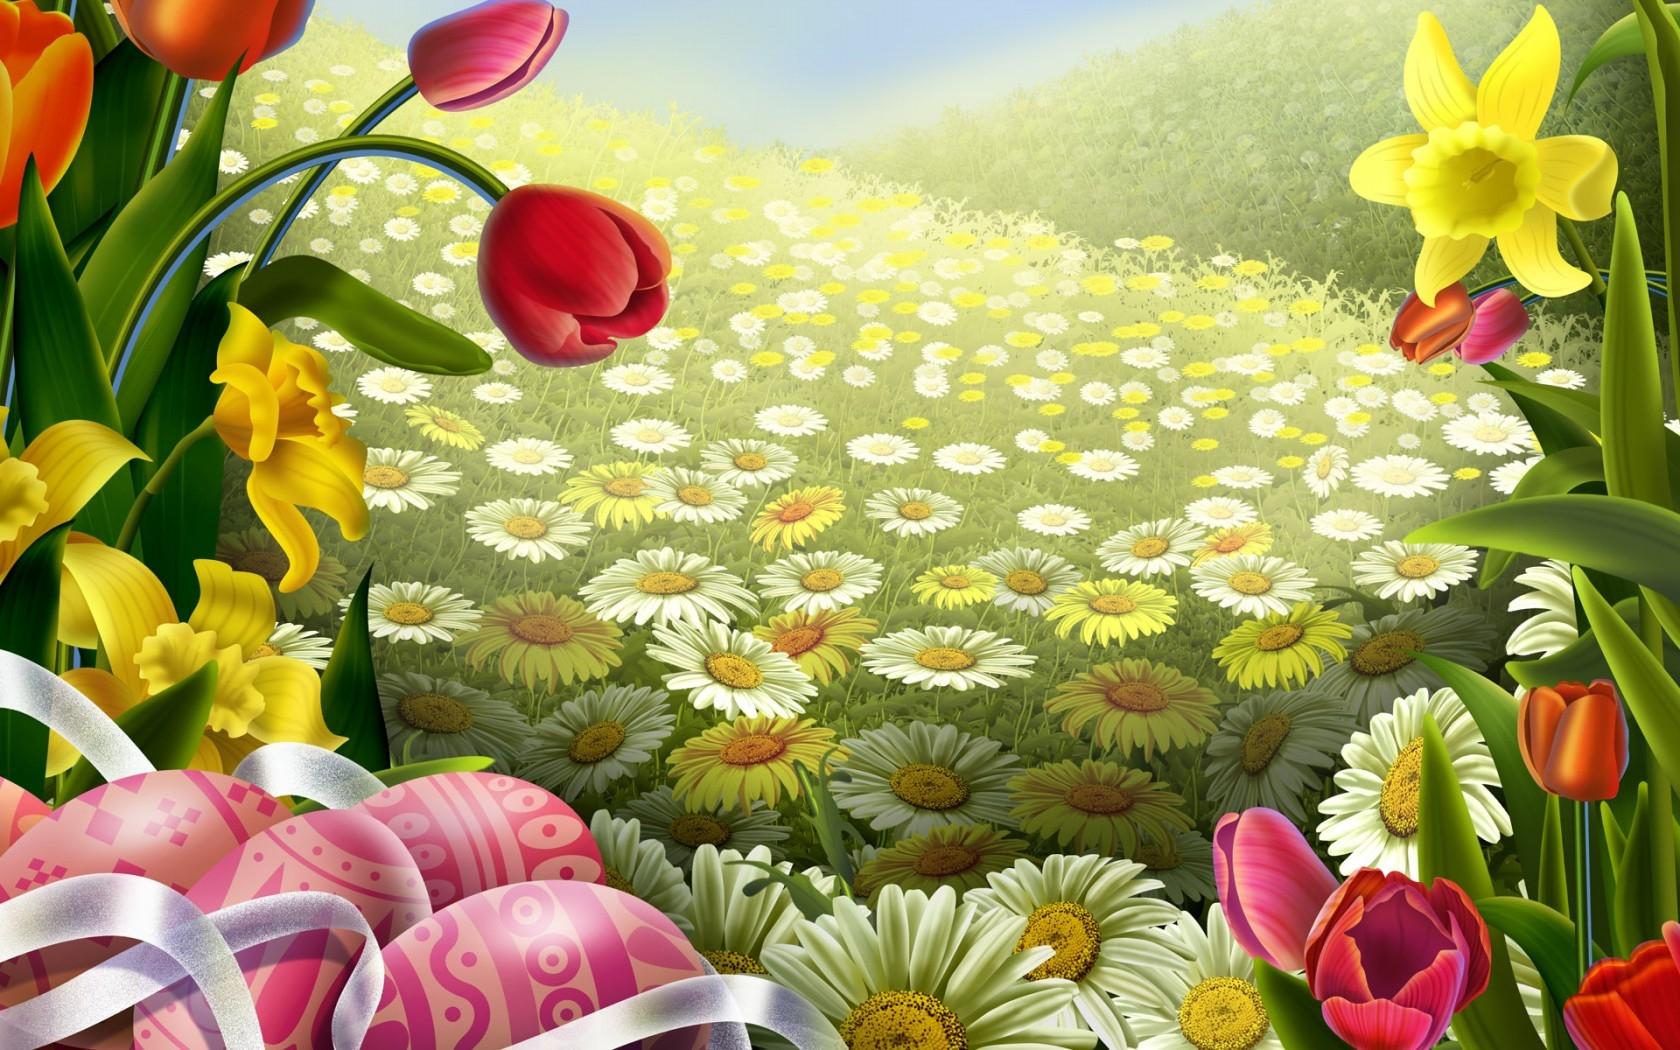 Поляна с цветами картинки рисунок, своими руками